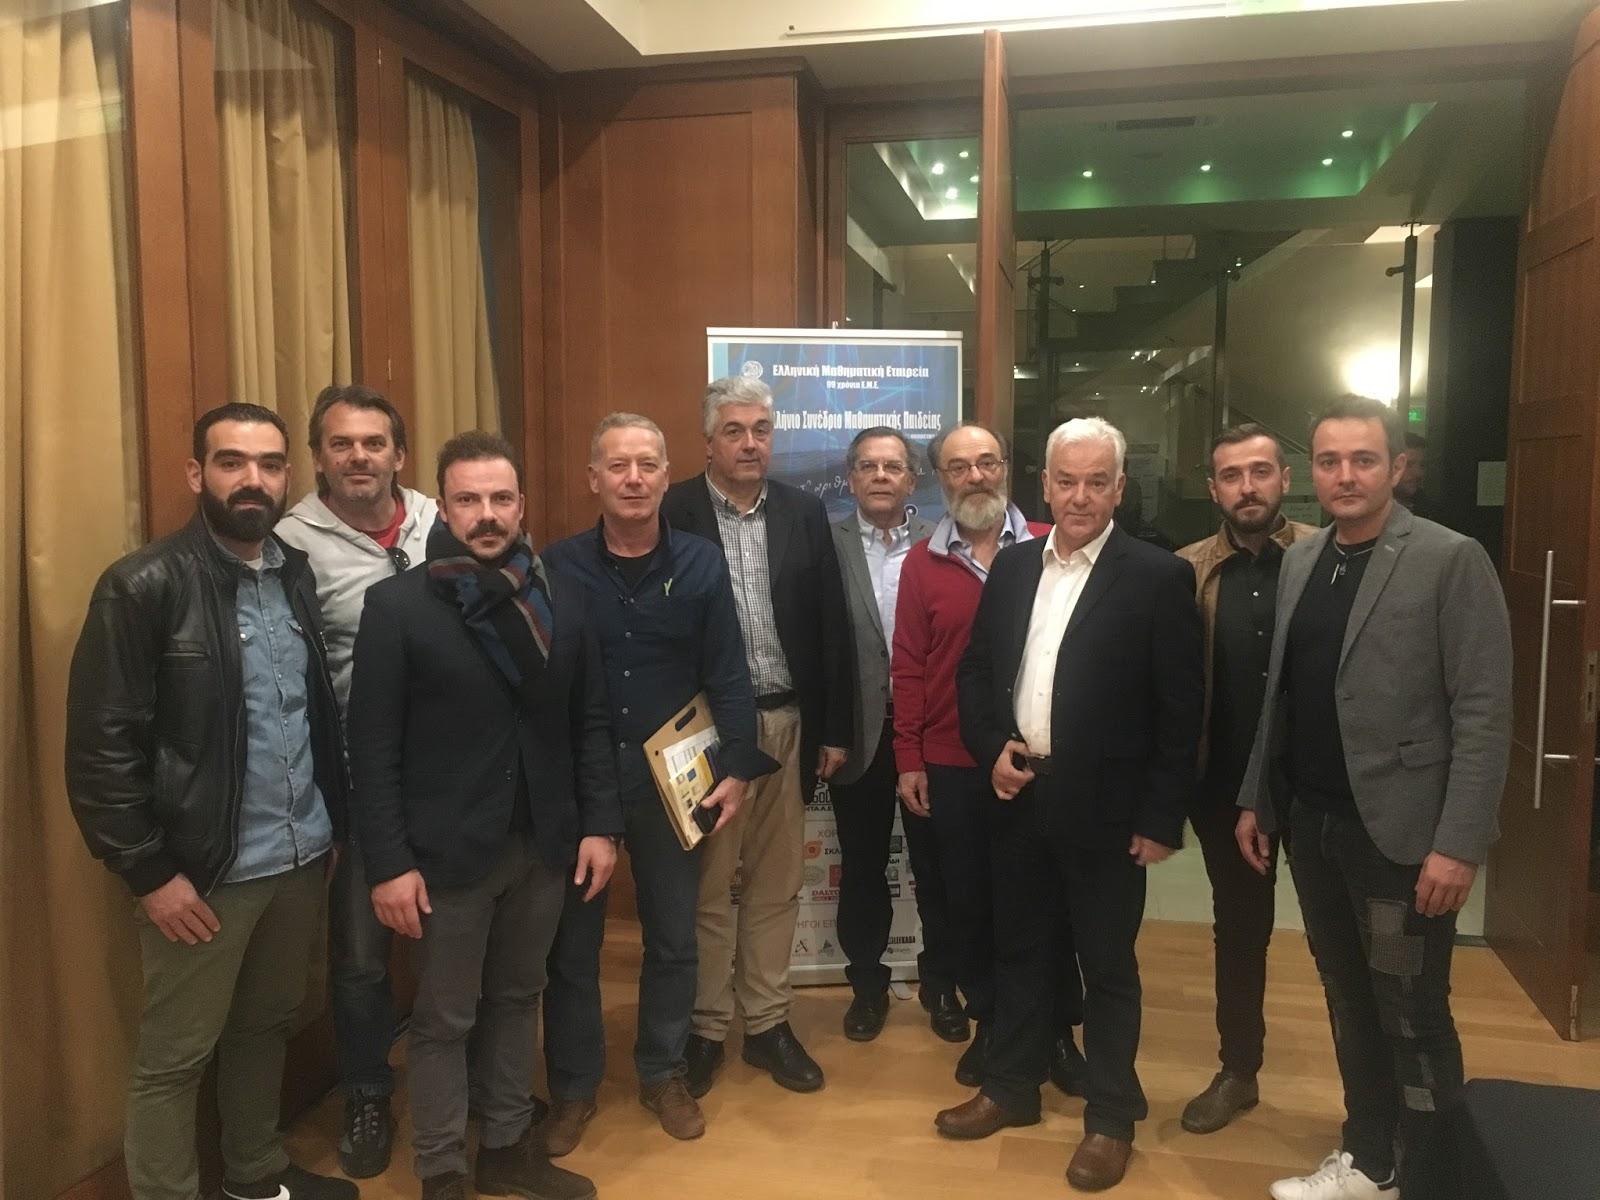 Ισχυρό φαβορί η πόλη της Λάρισας για την ανάληψη διοργάνωσης του ετήσιου Πανελλήνιου Συνεδρίου της Ε.Μ.Ε.